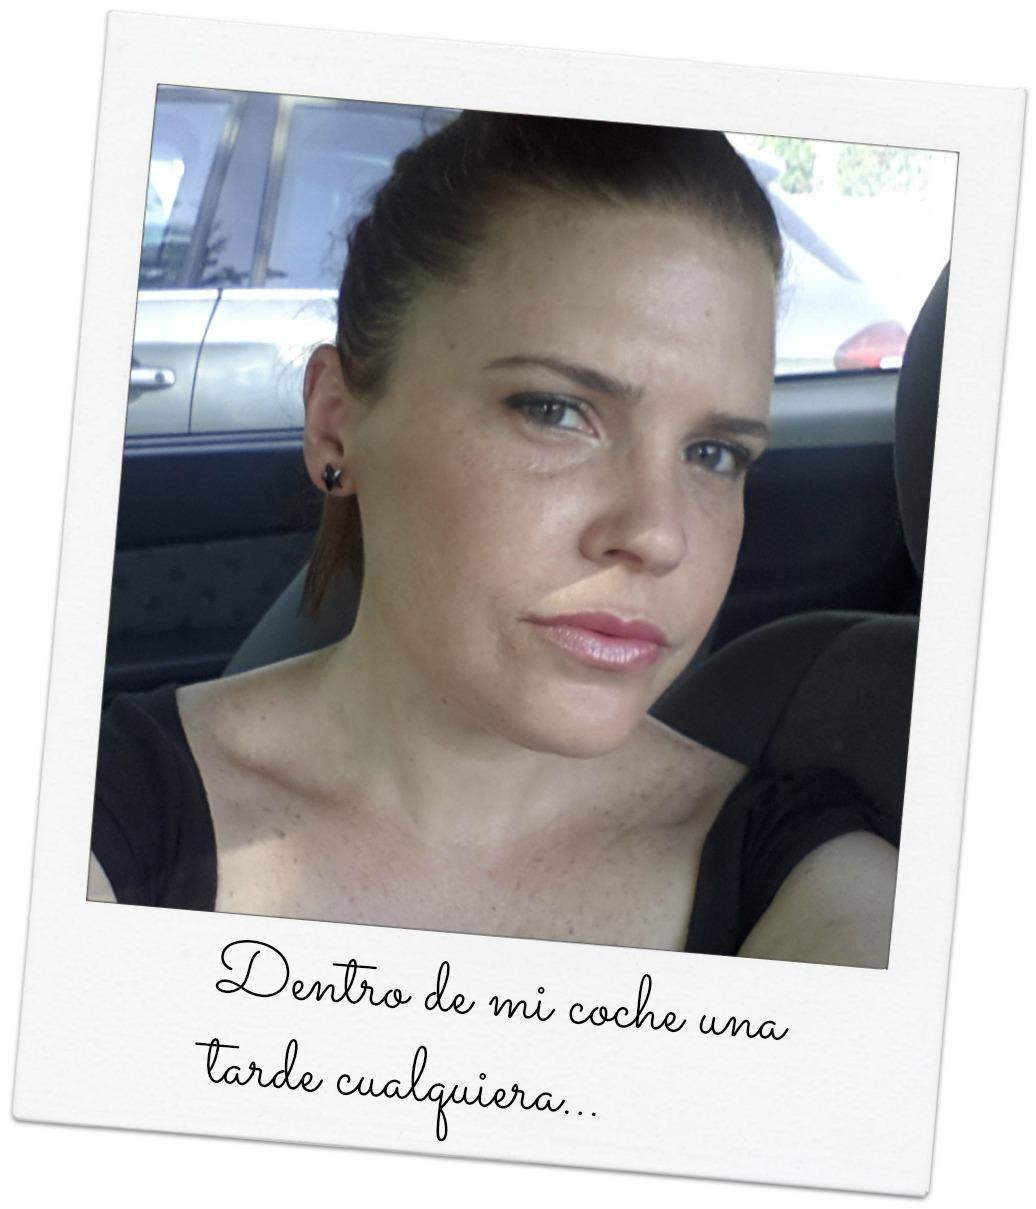 foto con el maquillaje de heliocare